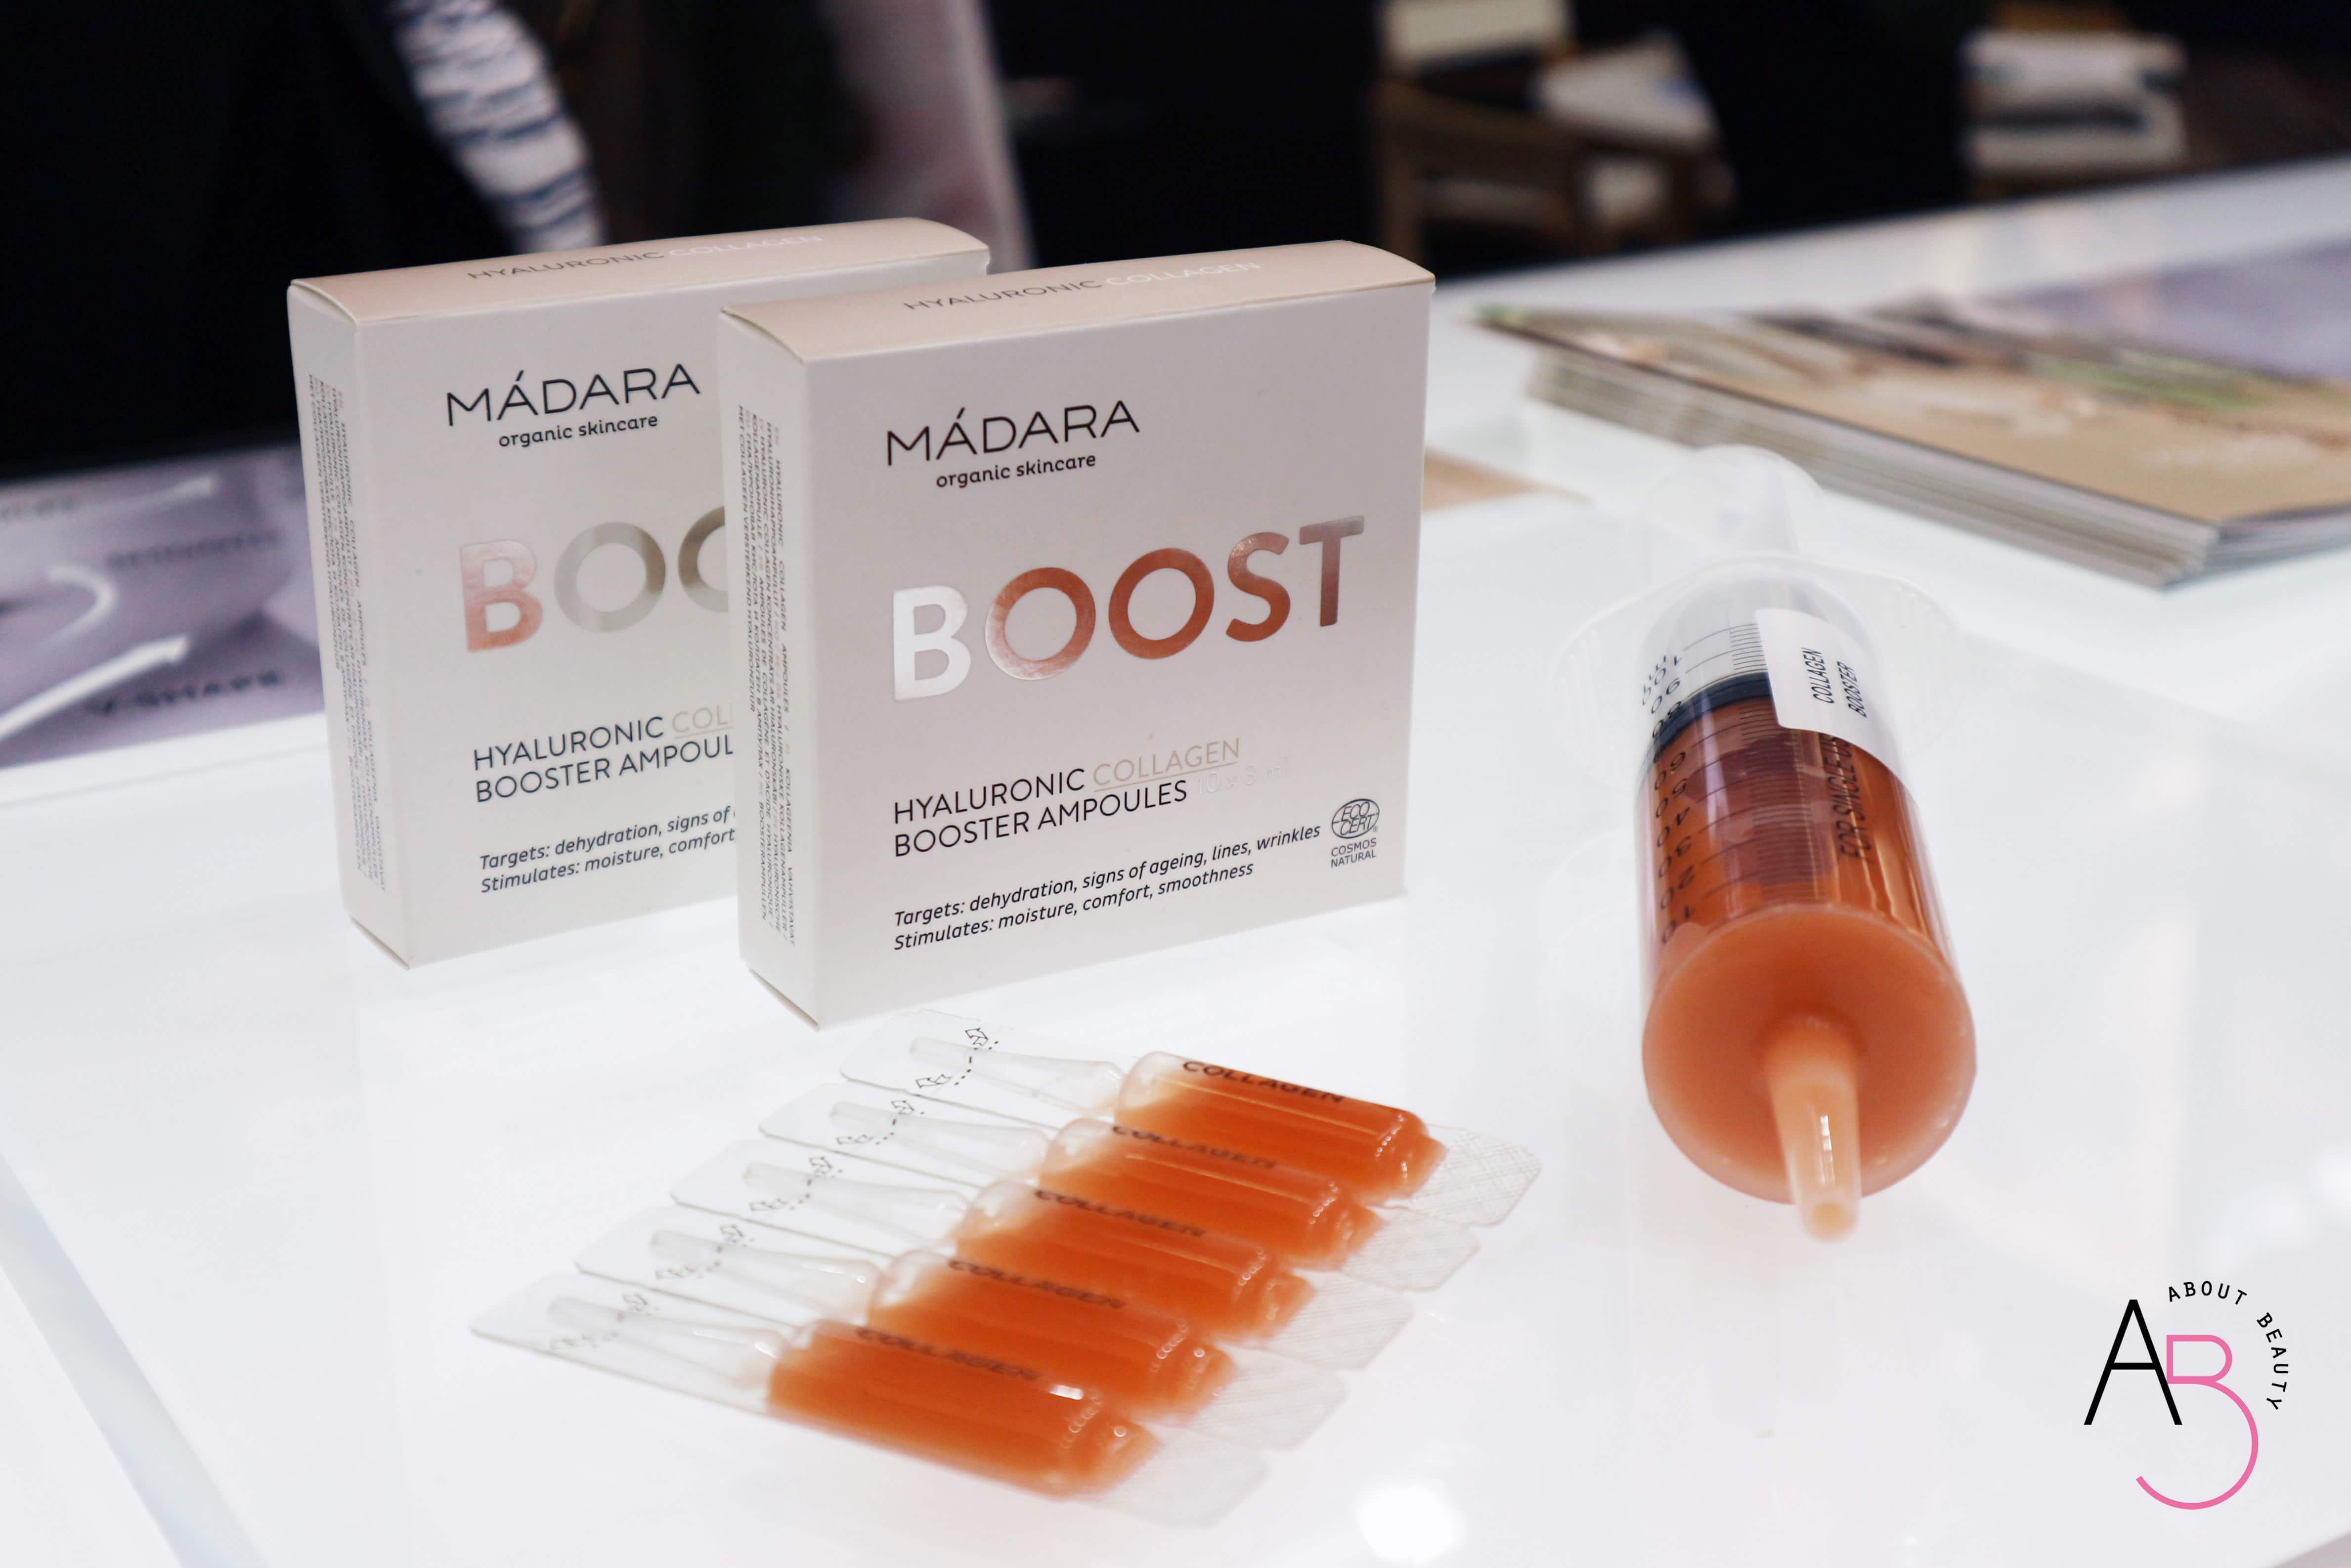 Pillole dal Cosmoprof #2 - Madara e Lavera - Madara Boost Hyaluronic Collagen review, recensione, info, prezzo, dove acquistare